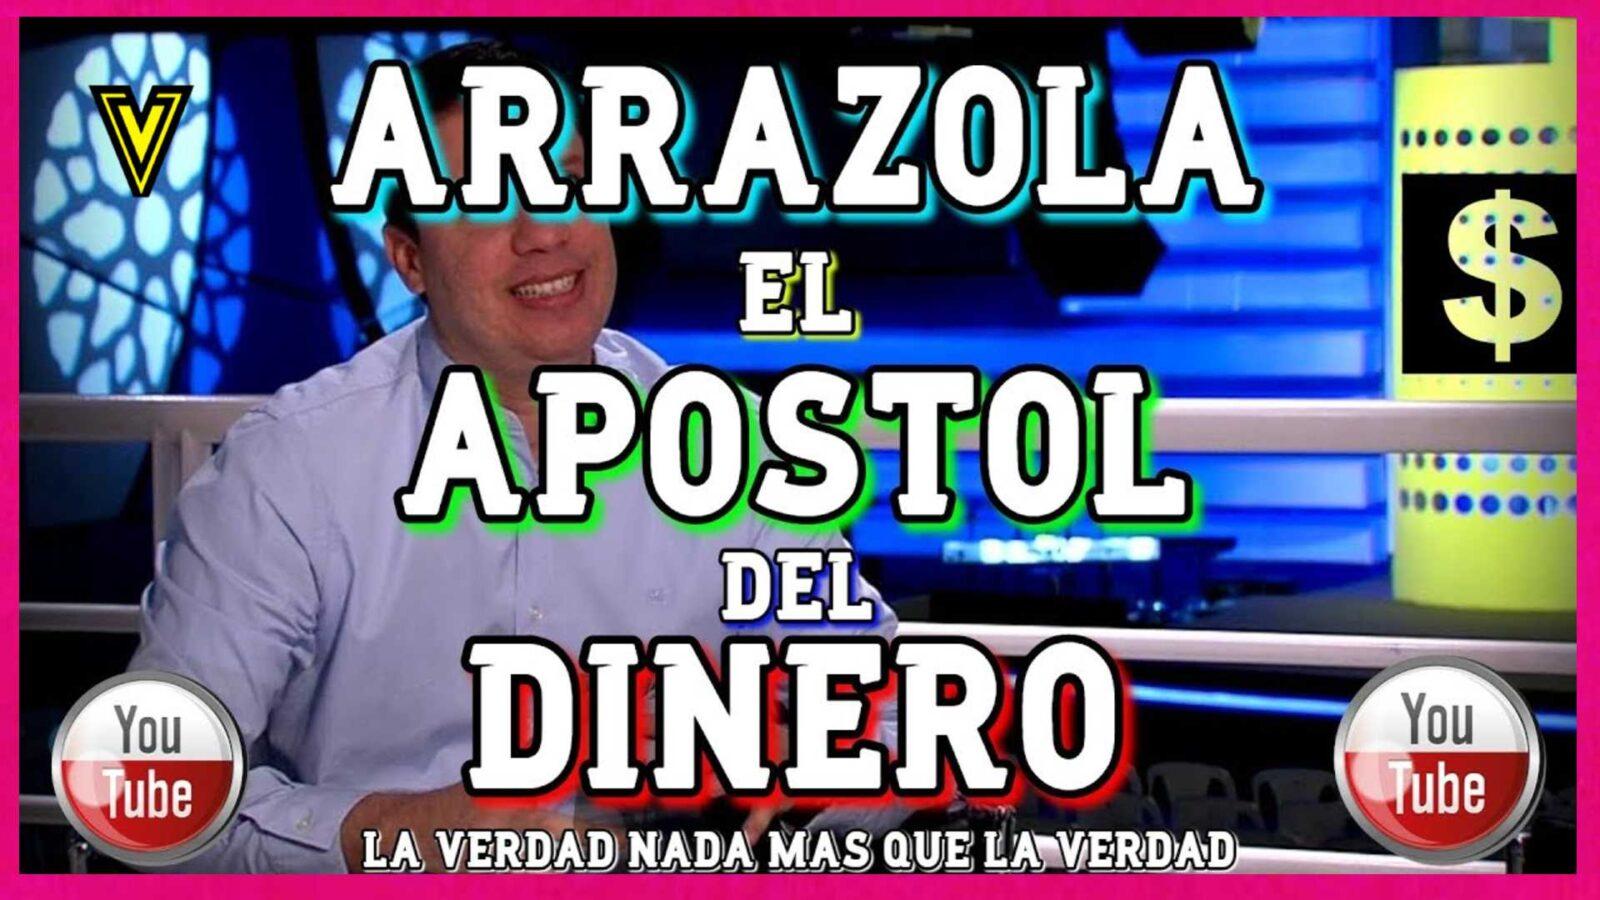 UN EMBUSTERO LLAMADO PASTOR MIGUEL ARRAZOLA PINEDA EL APOSTOL DEL DINERO RIOS DE VIDA 【 RIOS DE DINERO 】